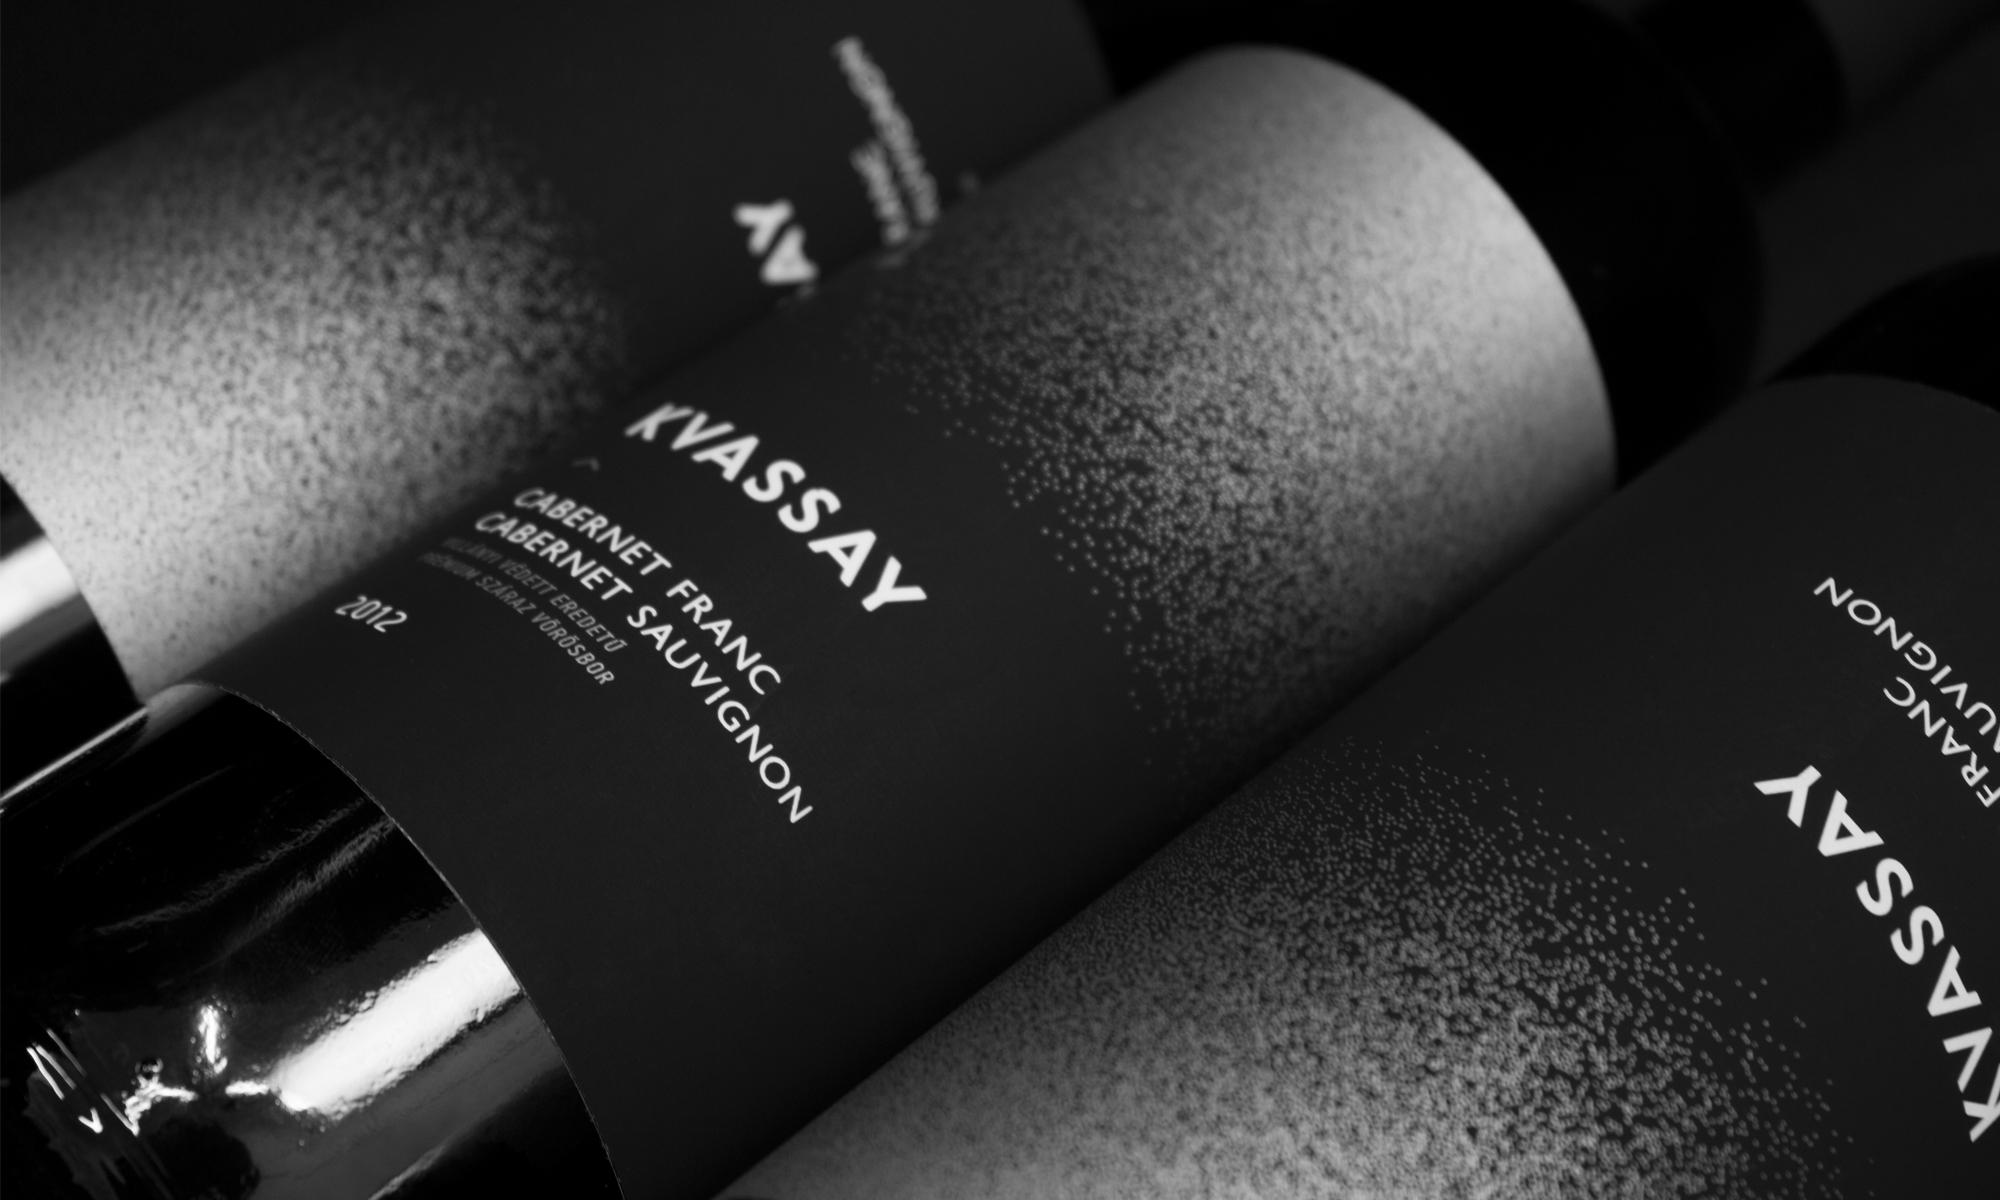 Kvassay wine label concept - Misztarka Eszter 02.jpg